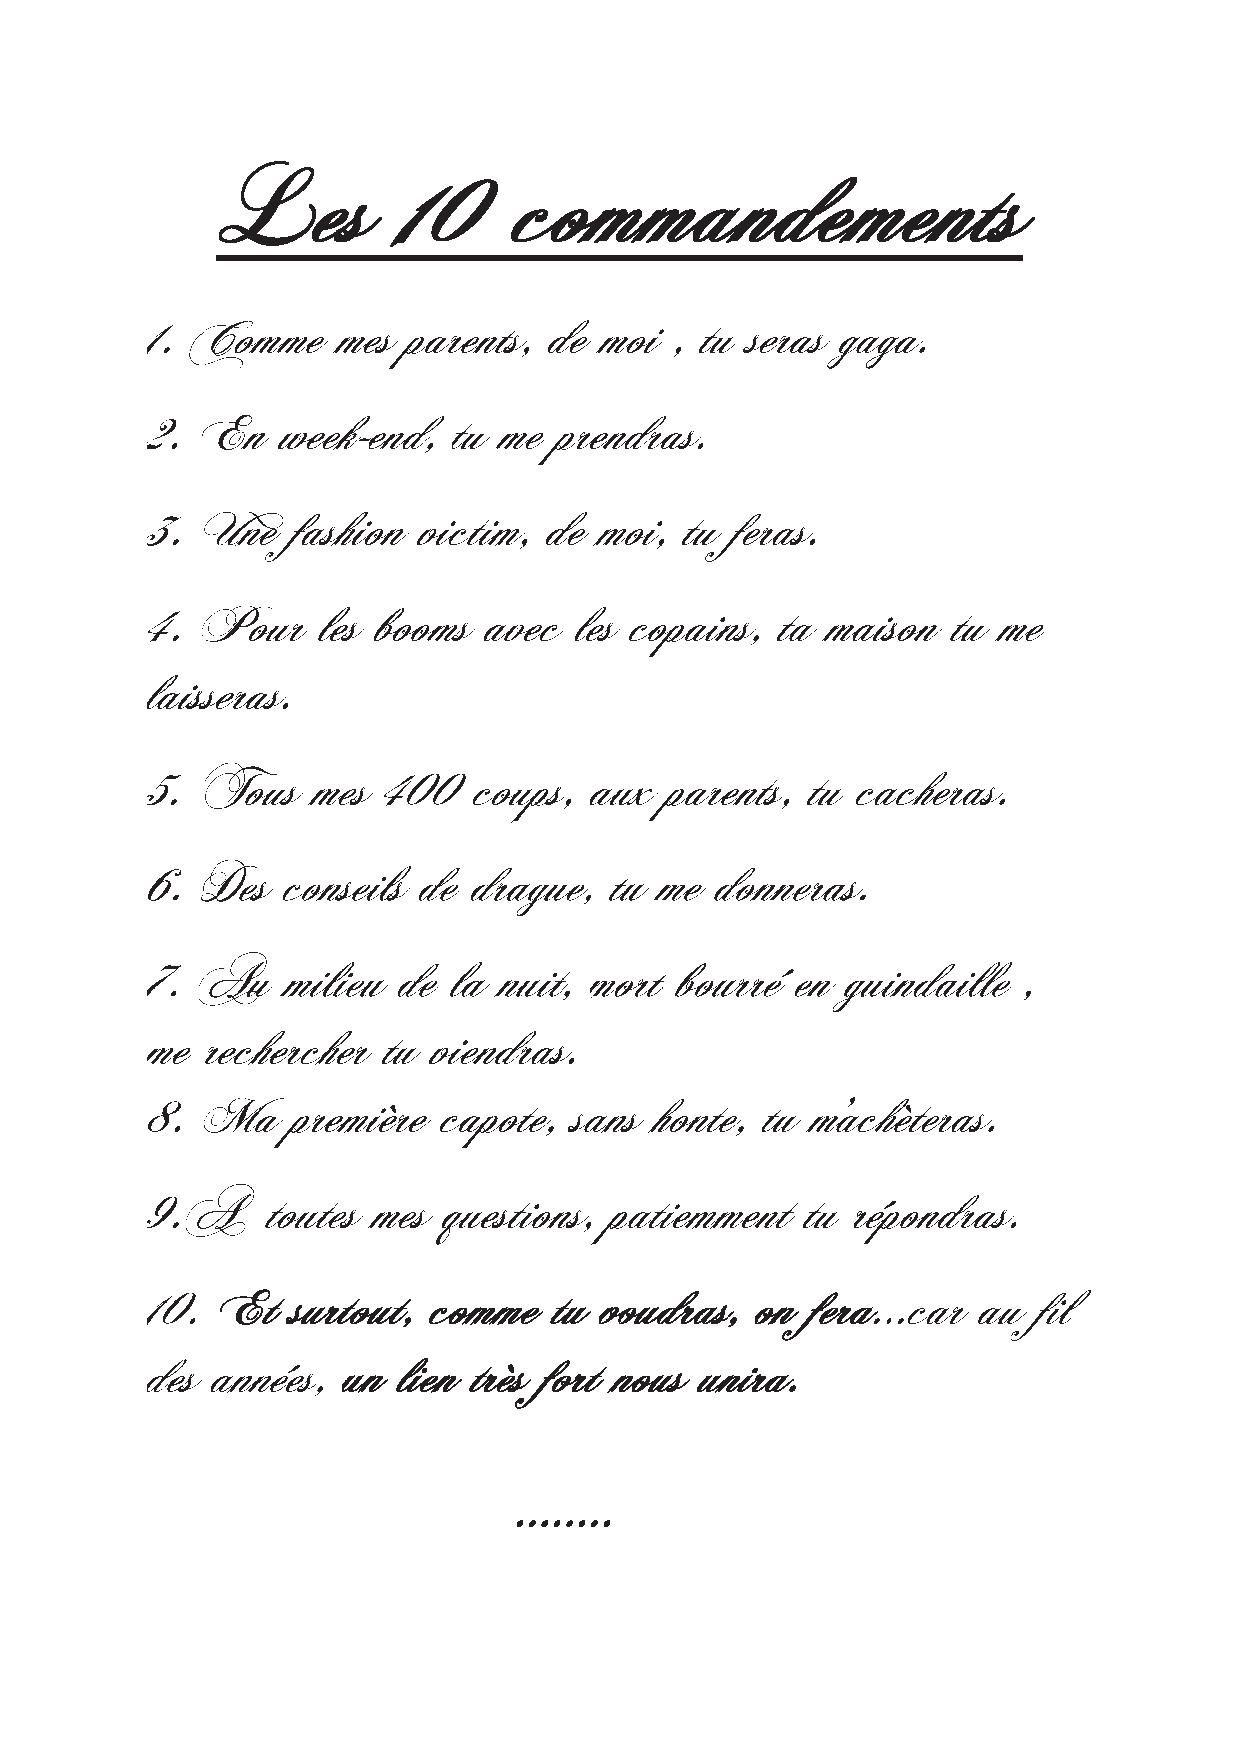 Super Les 10 commandements pour la marraine de notre filsarrangés à  AI73